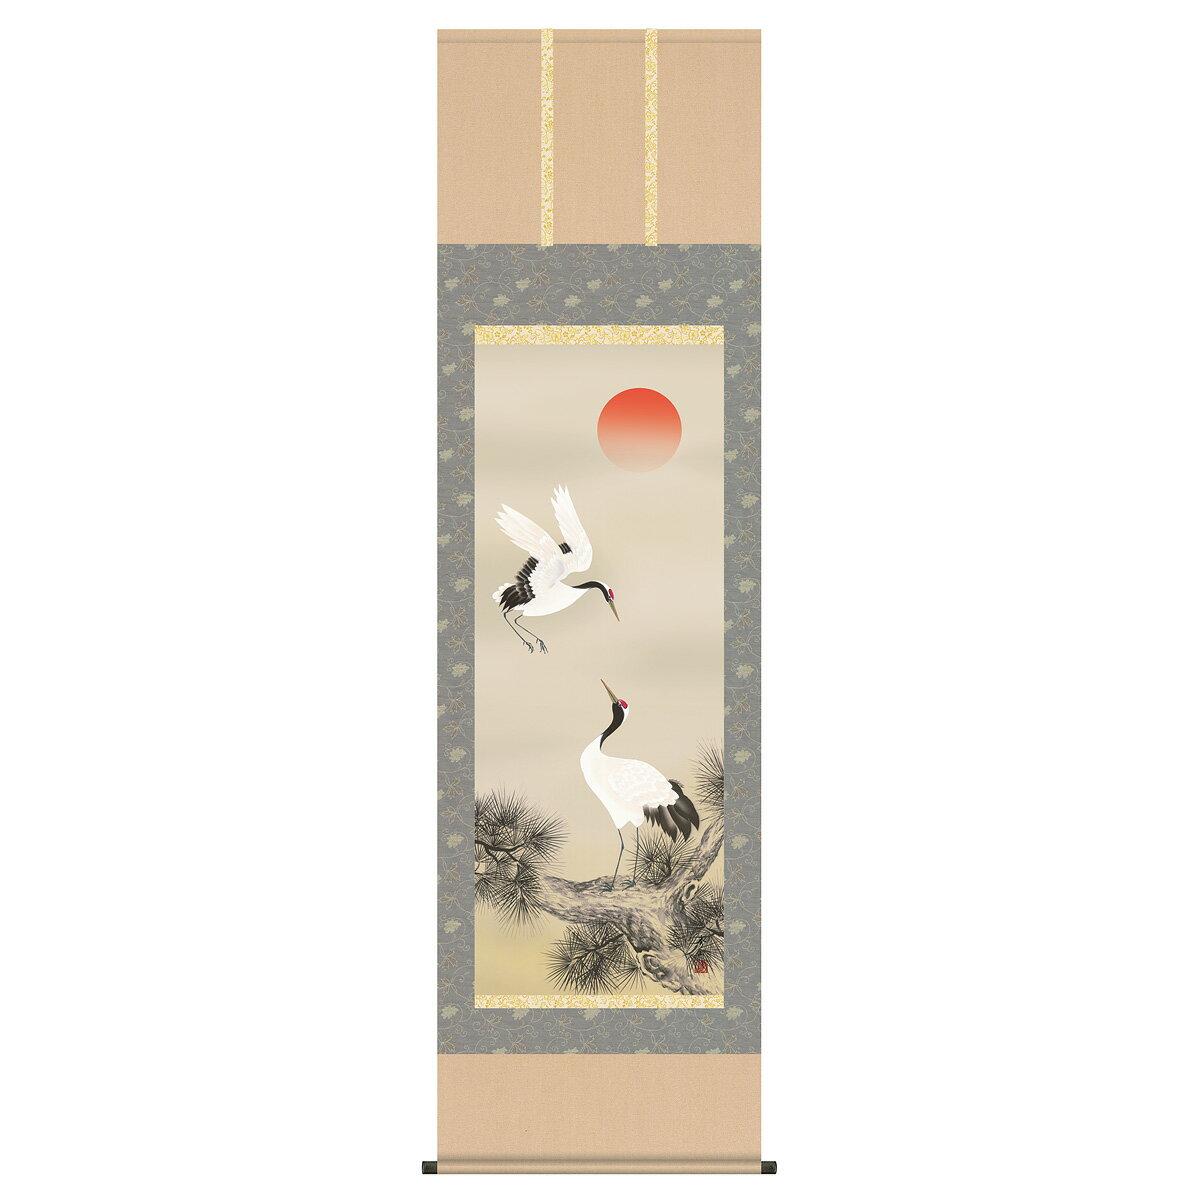 節句 正月 掛け軸 「鈴村秀山(三美会)作 松上双鶴 掛け軸」2016年雛人形 ●正月飾り